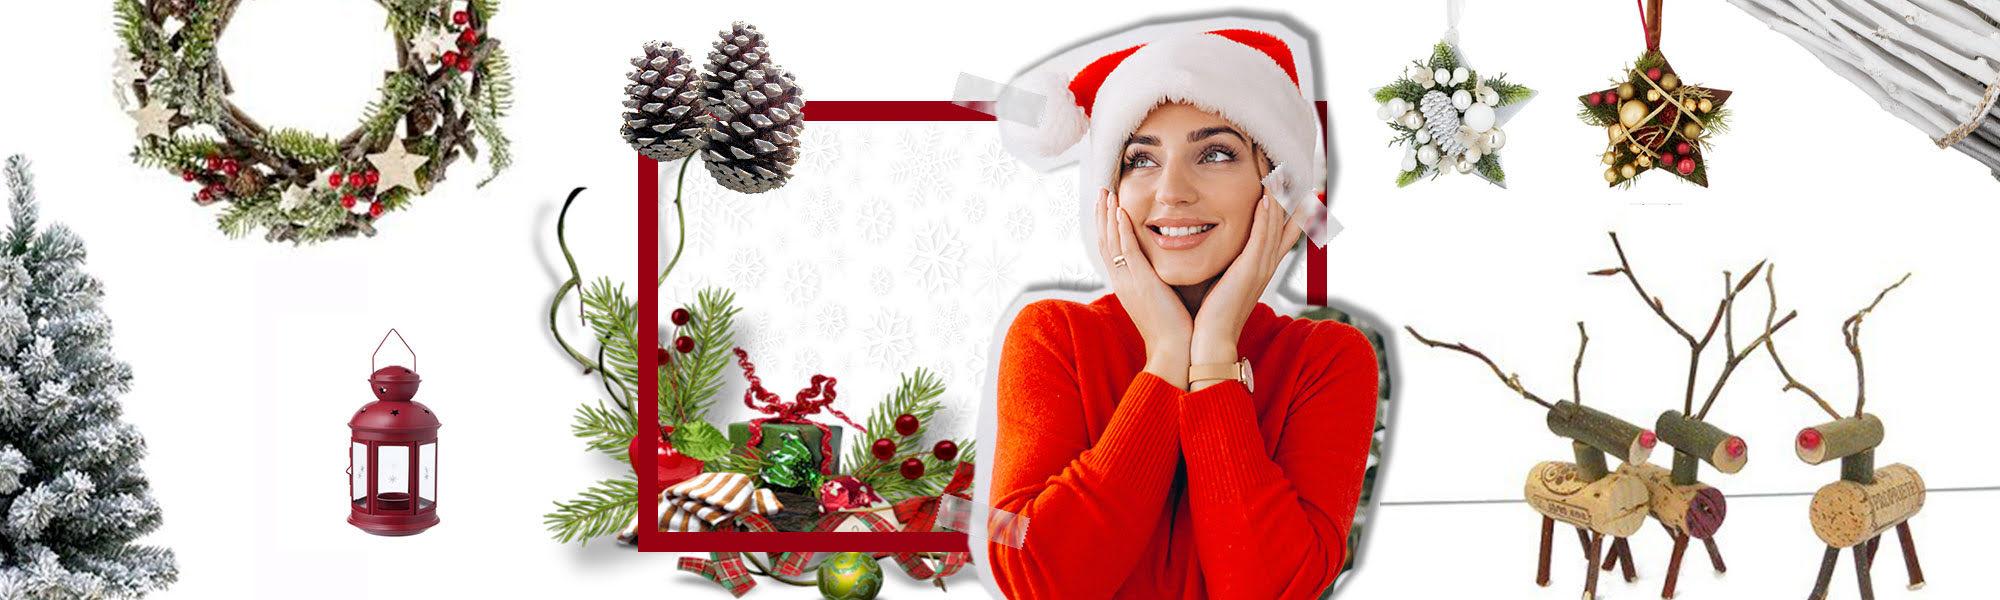 Natale shabby chic decora la tua casa con stile epilate for Decora la tua casa